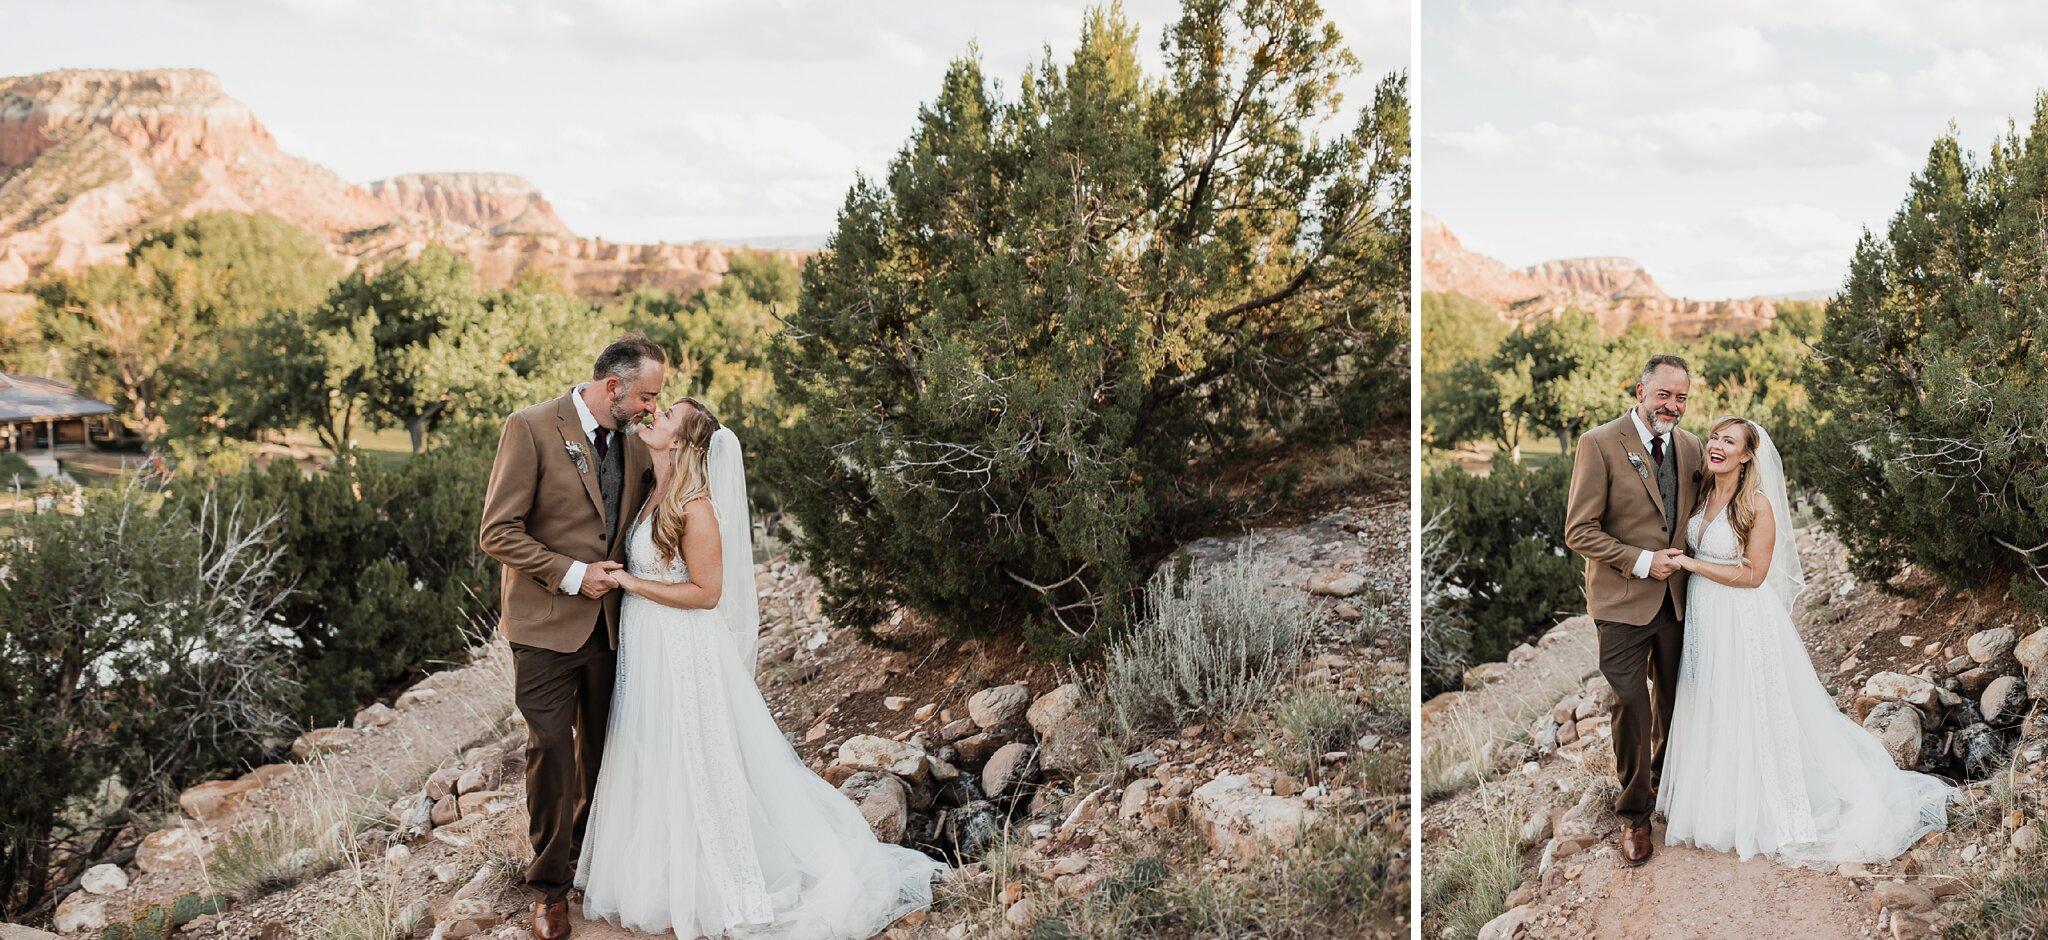 Alicia+lucia+photography+-+albuquerque+wedding+photographer+-+santa+fe+wedding+photography+-+new+mexico+wedding+photographer+-+new+mexico+wedding+-+wedding+-+santa+fe+wedding+-+ghost+ranch+-+ghost+ranch+wedding+-+fall+wedding_0060.jpg